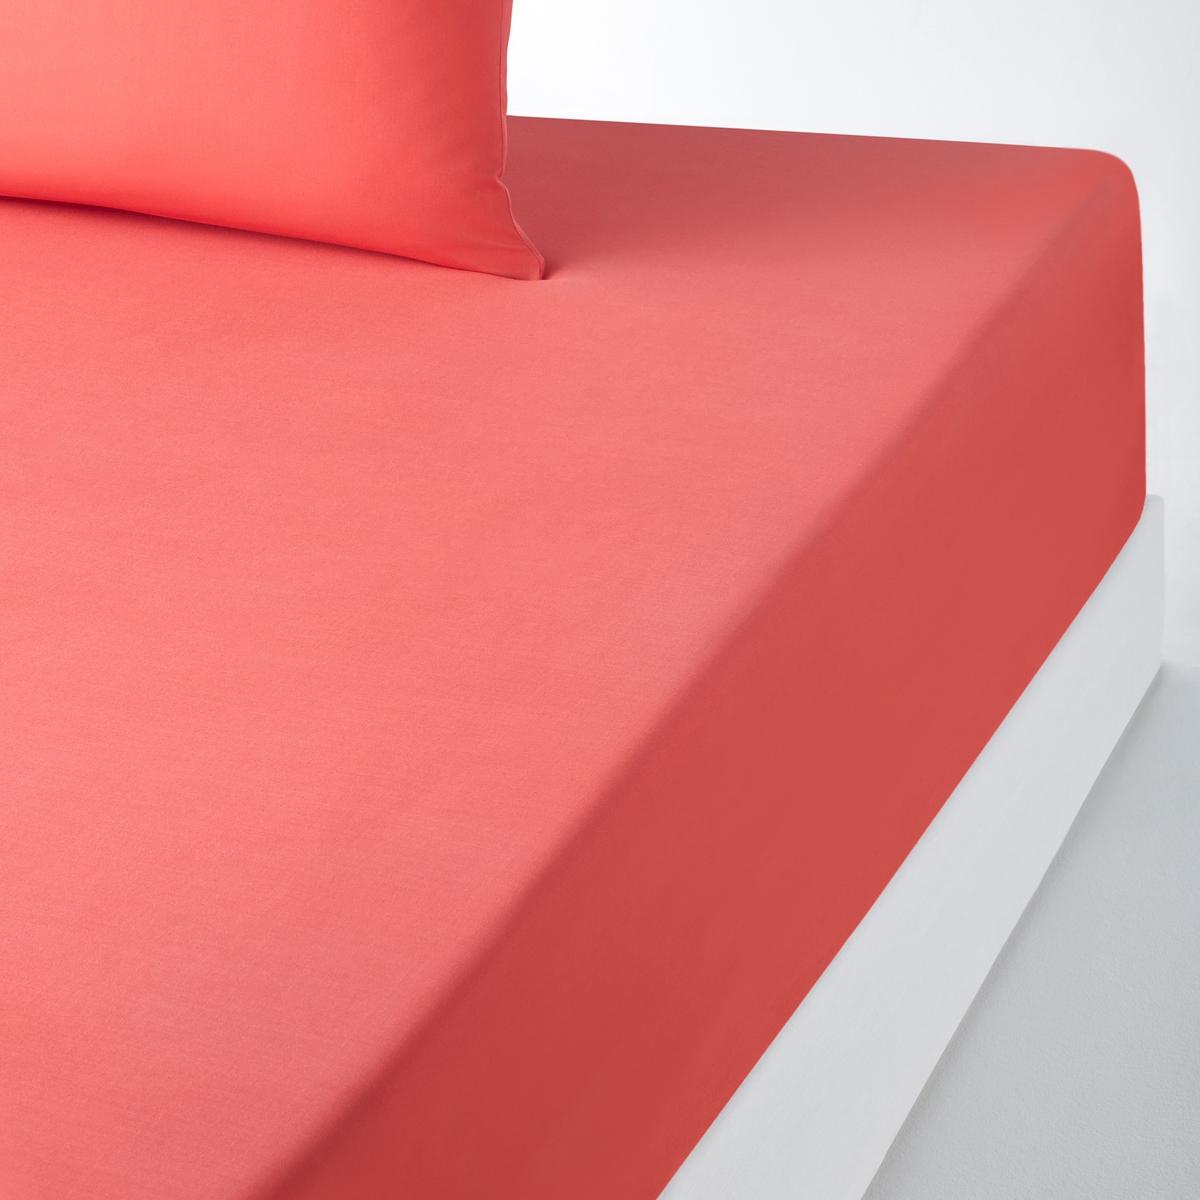 Натяжная простыня из поликоттона, специально для толстых матрасовНатяжная простыня из красивой ткани 50% хлопка, 50% полиэстера с плотным переплетением нитей, ультра мягкой и комфортной. Специально создана для толстых матрасов шириной до 30 см (клапан 32 см).Красивая гамма цветов SCENARIO позволяет создавать комплекты по настроению !Характеристики натяжной простыни из поликоттона для толстых матрасов :- Натяжная простыня из красивой ткани 50% хлопка, 50% полиэстера с плотным переплетением нитей (57 нитей/см? : чем больше плотность переплетения нитей/см?, тем качественнее материал), ультра мягкой и комфортной. - Специально создана для толстых матрасов шириной до 30 см (клапан 32 см).- Отличная стойкость цветов к стиркам (60 °С).- Глажка не требуется.Знак Oeko-Tex® гарантирует, что товары протестированы и сертифицированы, не содержат вредных веществ, которые могли бы нанести вред здоровью. Натяжная простыня  :90 x 190 см : 1-сп.140 x 190 см : 2-сп.140 x 200 см : 2-сп.160 x 200 см : 2-сп.180 х 200 см : 2-сп.Откройте для себя всю коллекцию постельного белья SC?NARIO на нашем сайте<br><br>Цвет: антрацит,белый,бледный сине-зеленый,бордовый,вишневый,зеленый,нежно-розовый,розовое дерево,серо-коричневый каштан,Серо-синий,серый жемчужный,сине-зеленый,смородиновый,фиолетовый,черный<br>Размер: 140 x 200  см.90 x 190  см.180 x 200  см.90 x 190  см.140 x 200  см.90 x 190  см.140 x 190  см.160 x 200  см